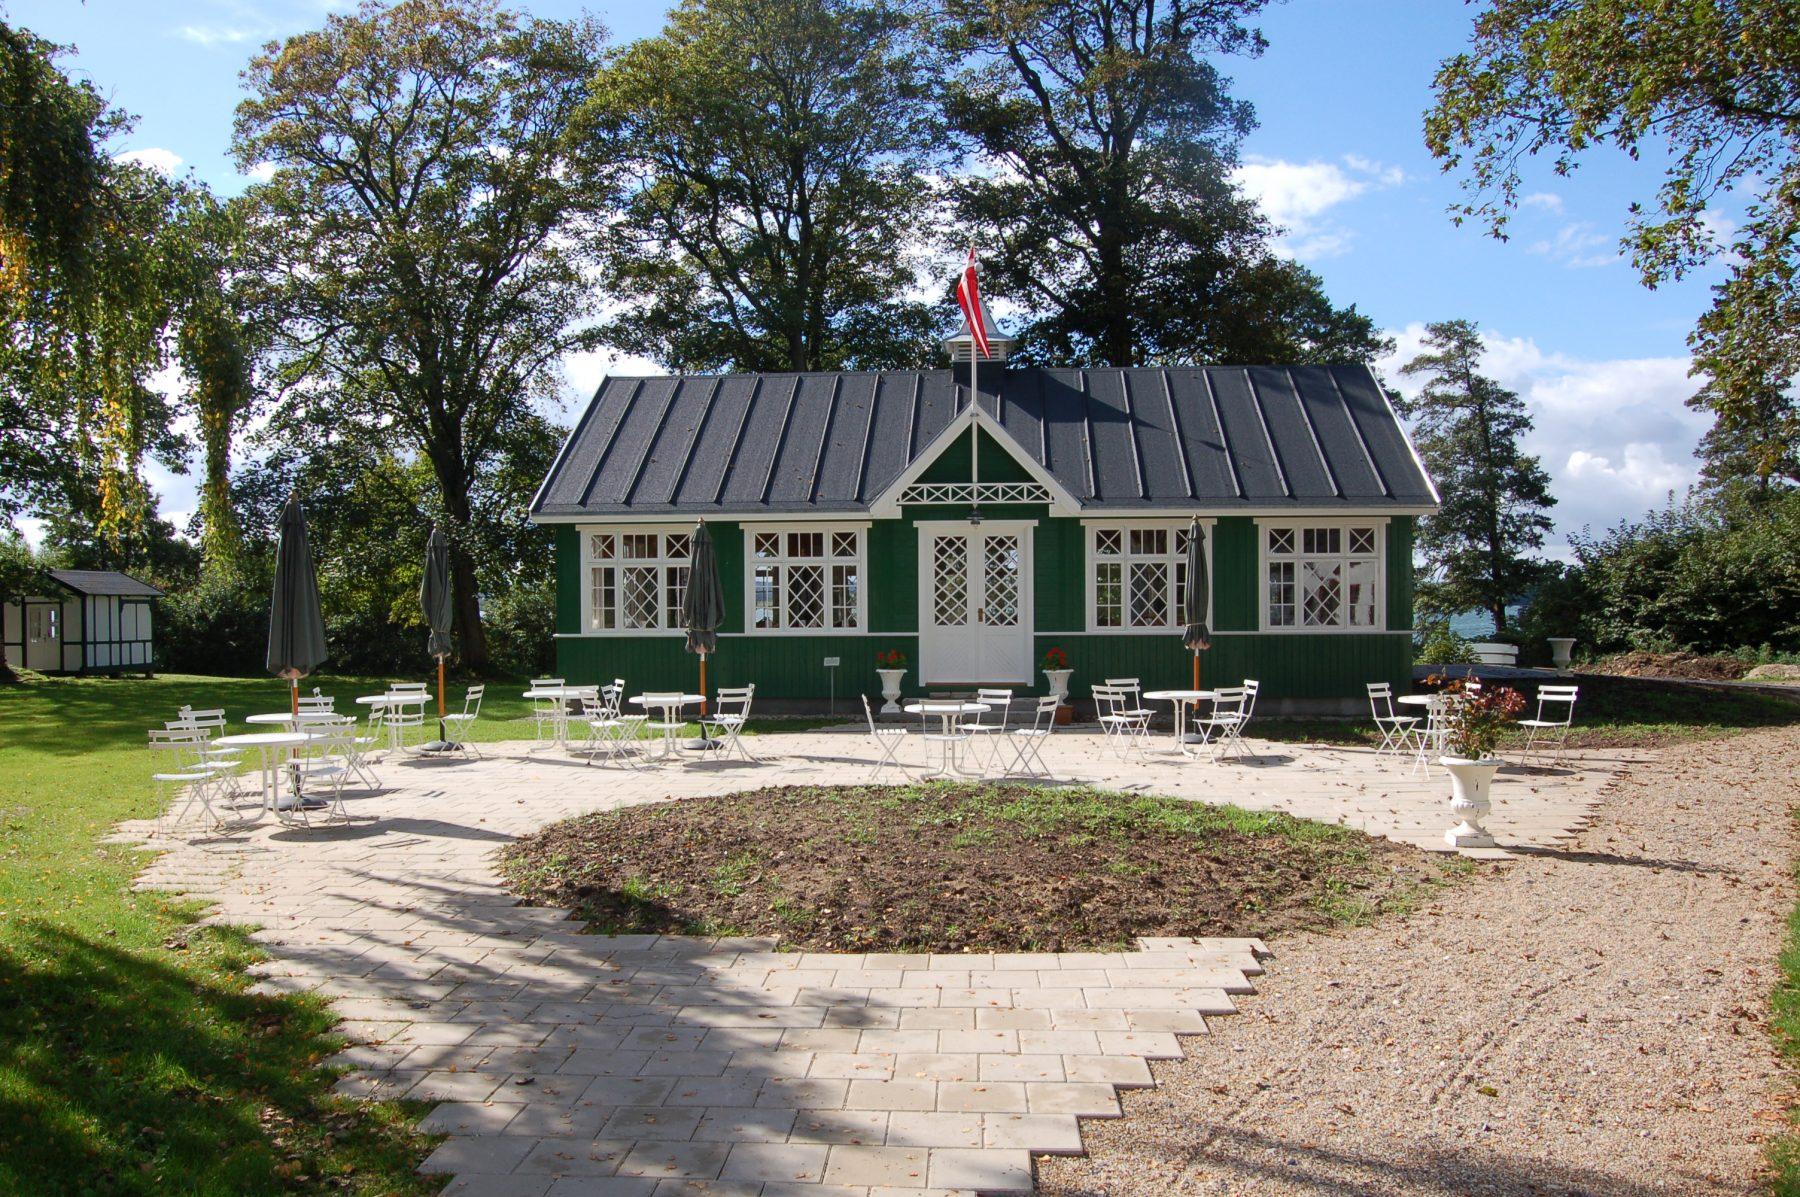 Vestermølle, Skanderborg - Riddersalen facade